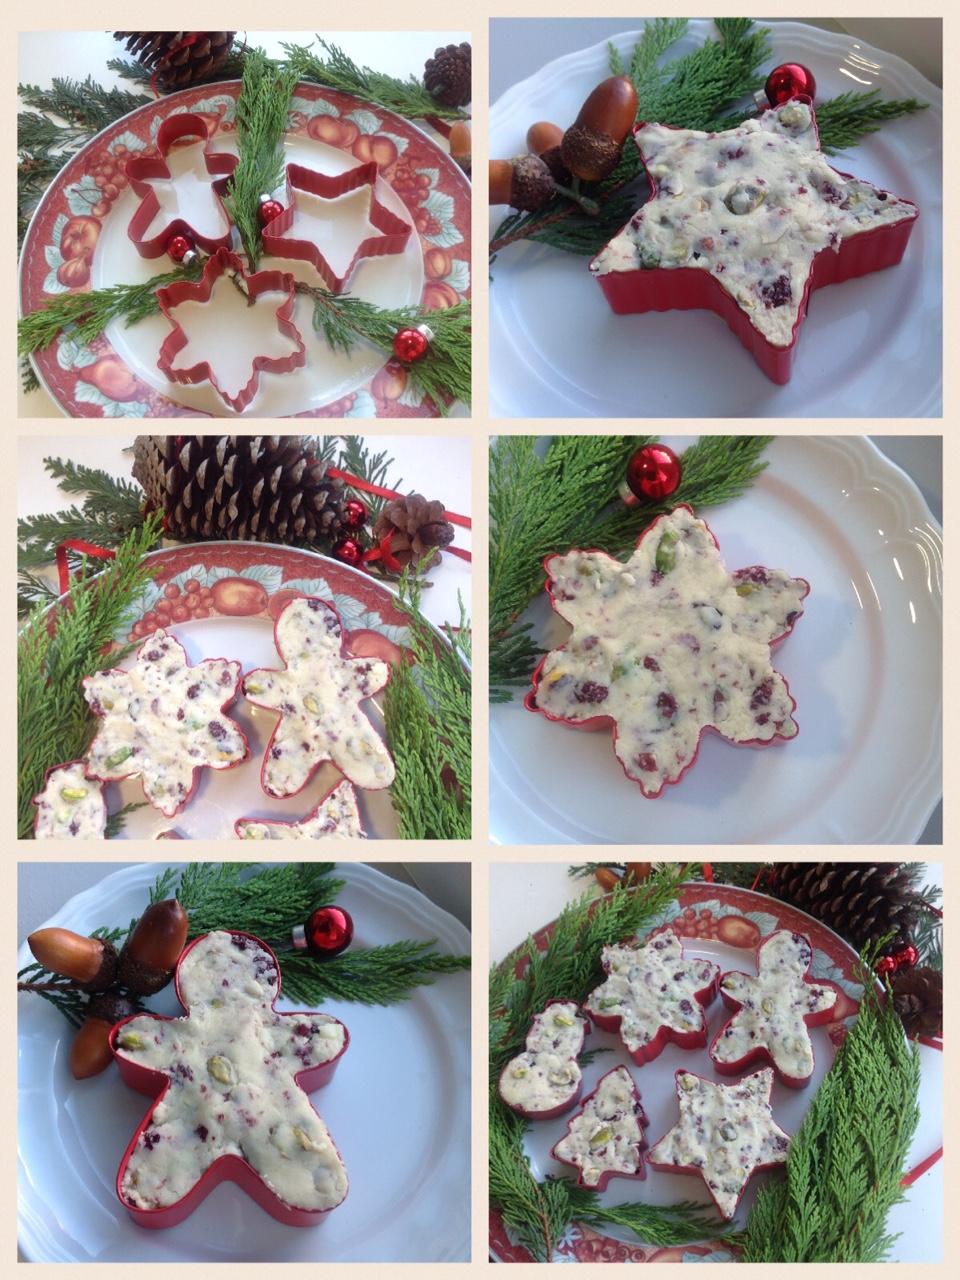 Dulces Navideños con Thermomix® : Sturge de chocolate blanco con pistachos y arándanos.